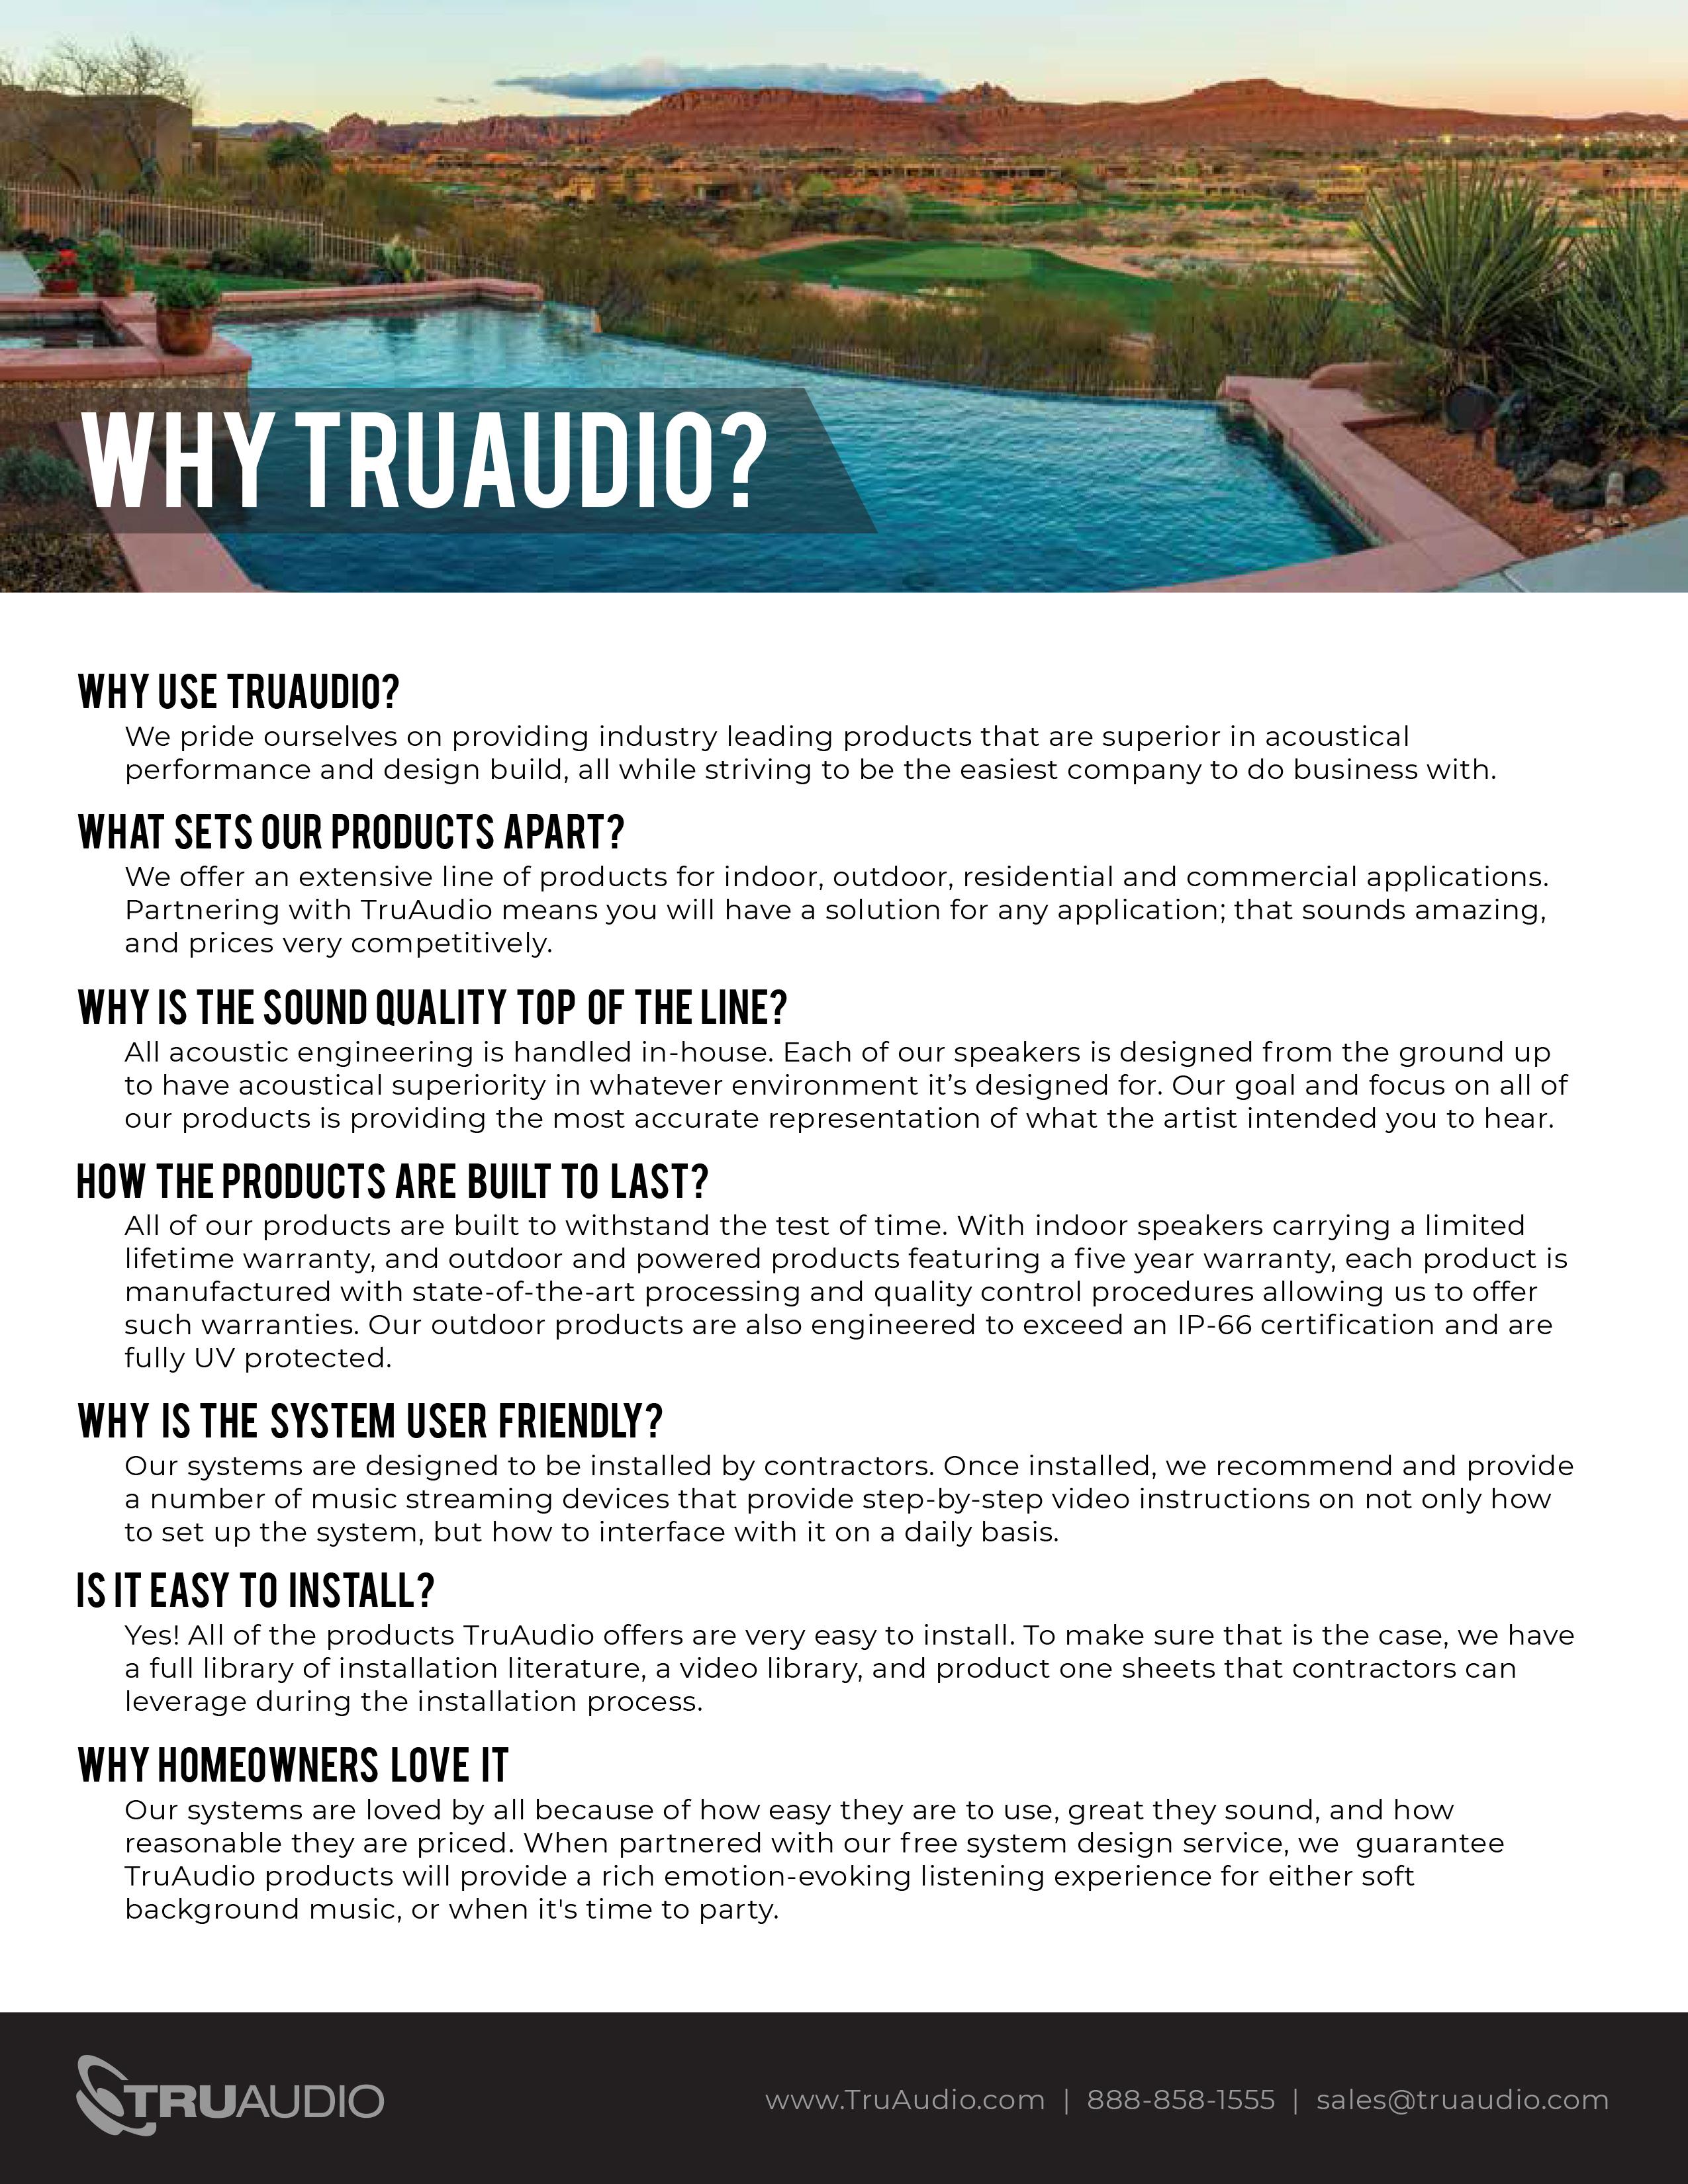 why-truaudio.jpg